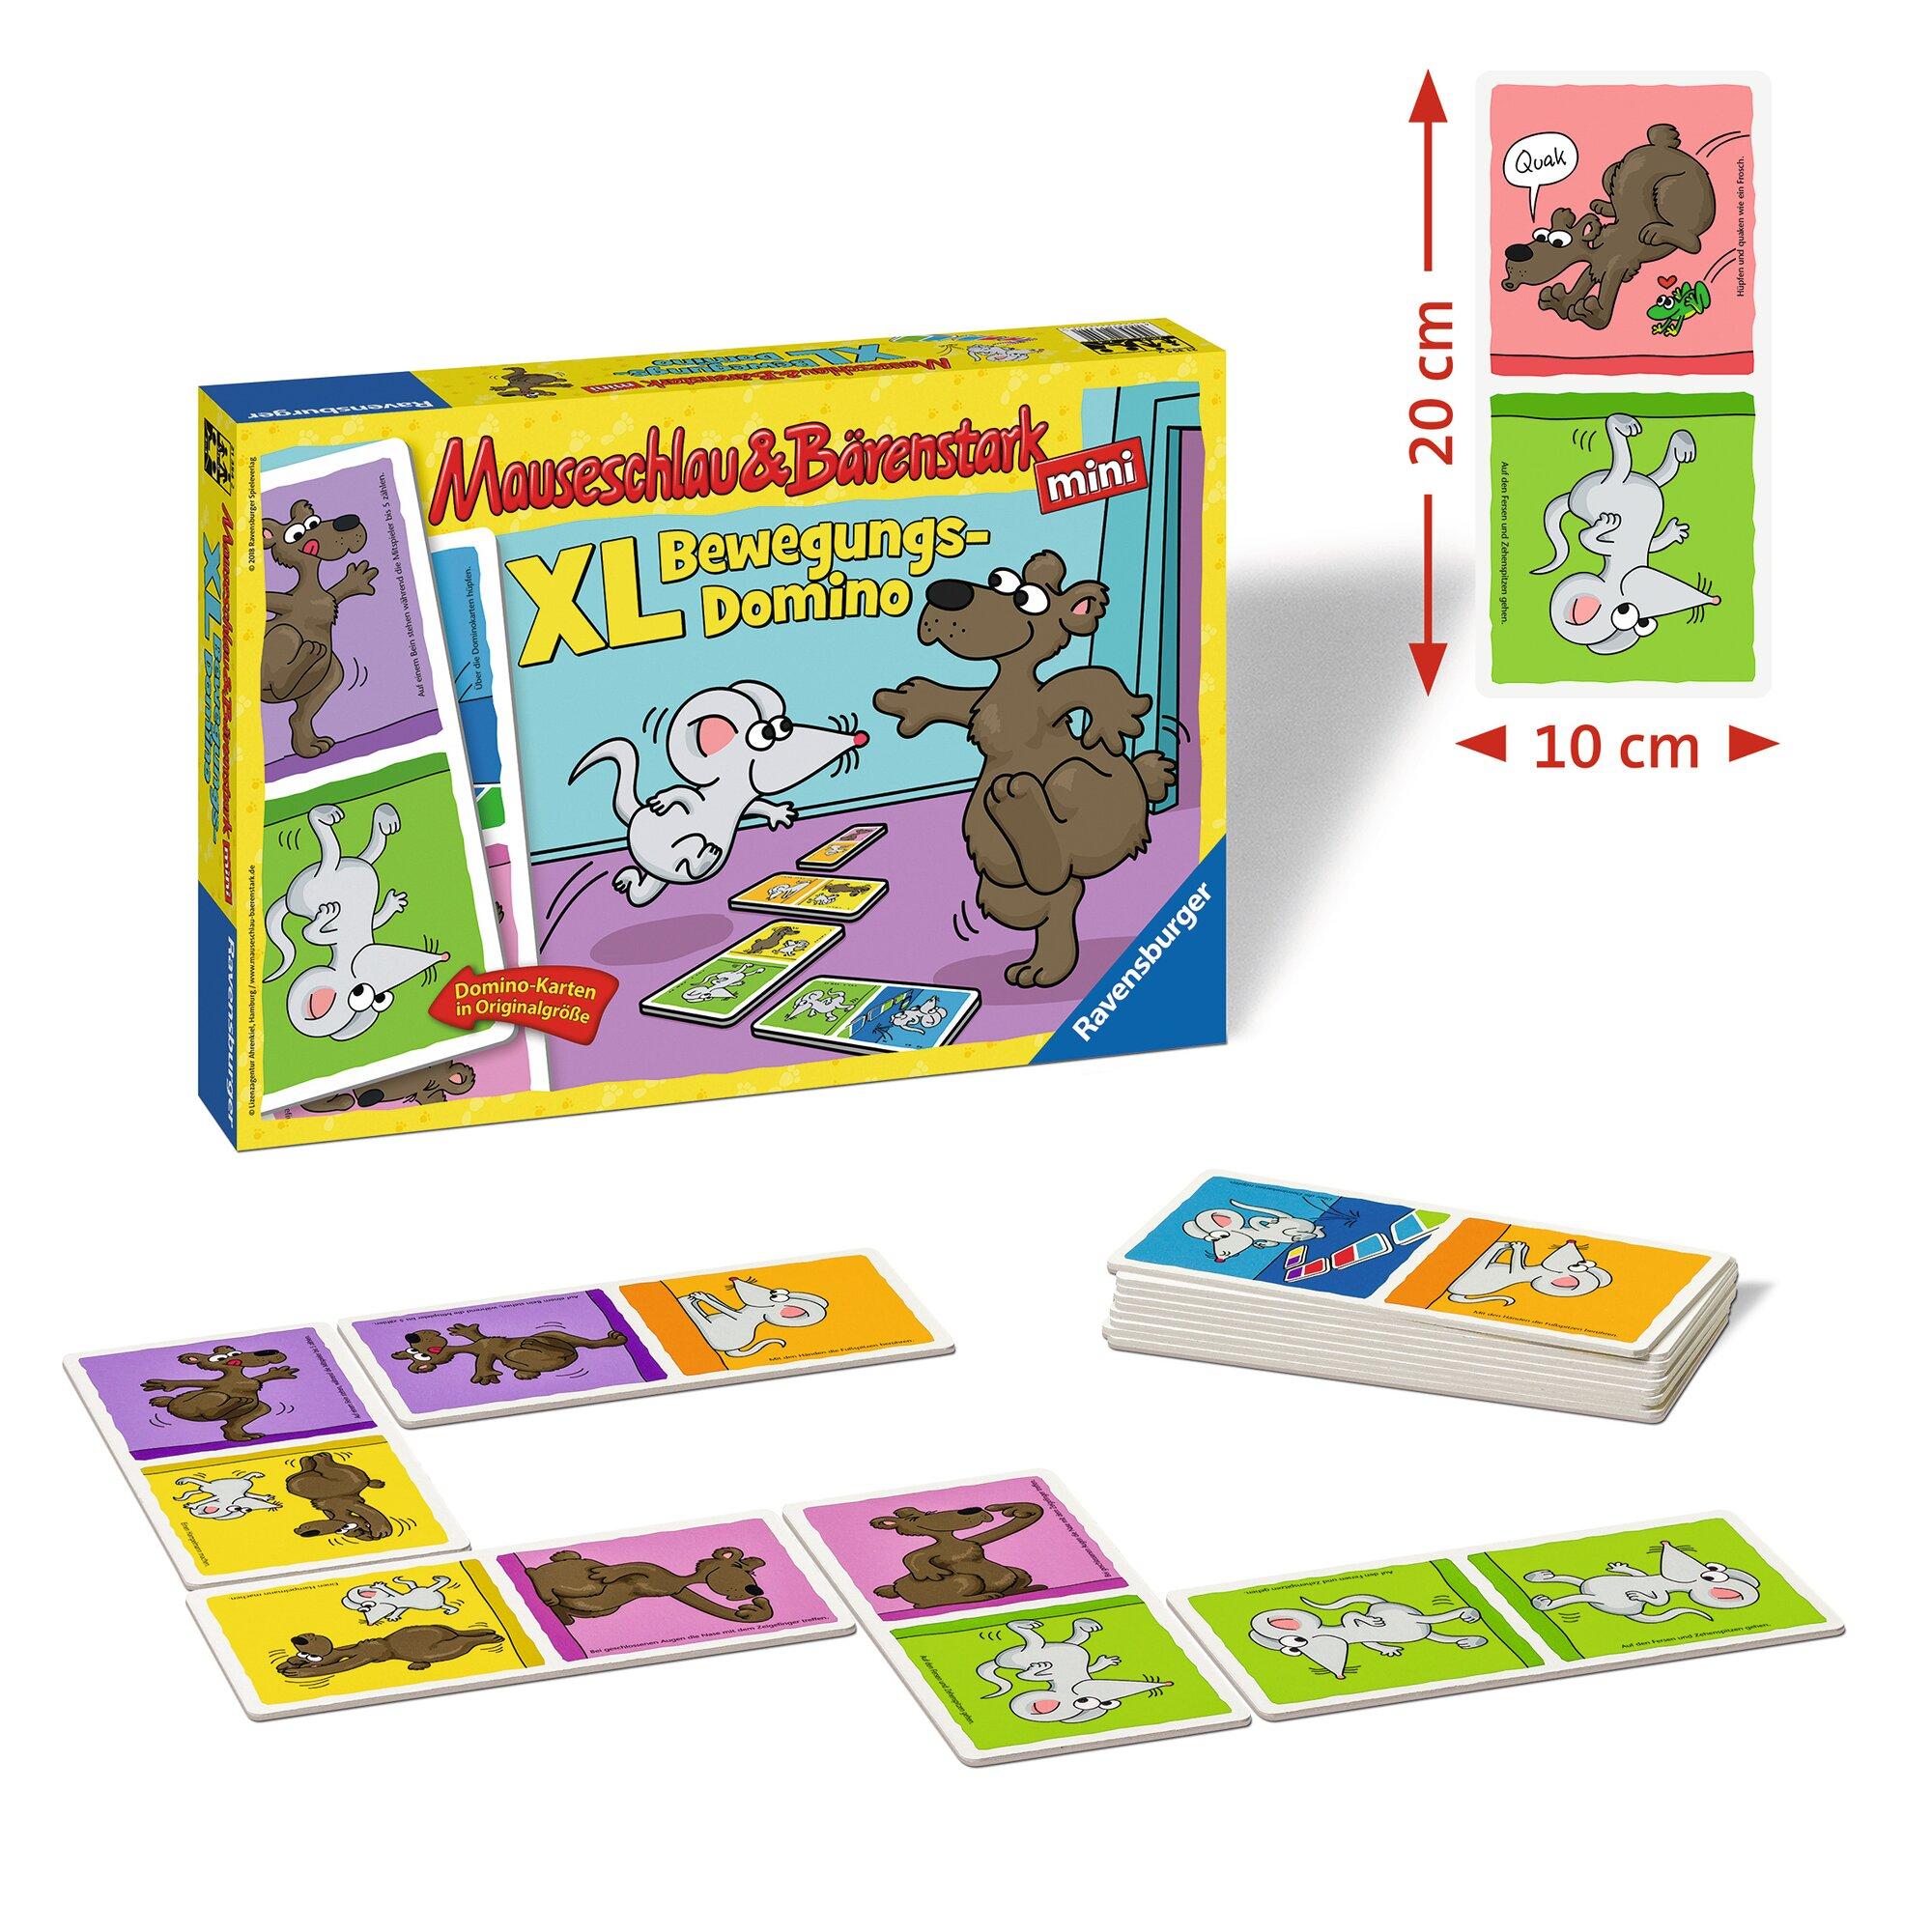 ravensburger-mauseschlau-barenstark-xl-bewegungs-domino-bewegungsspiel